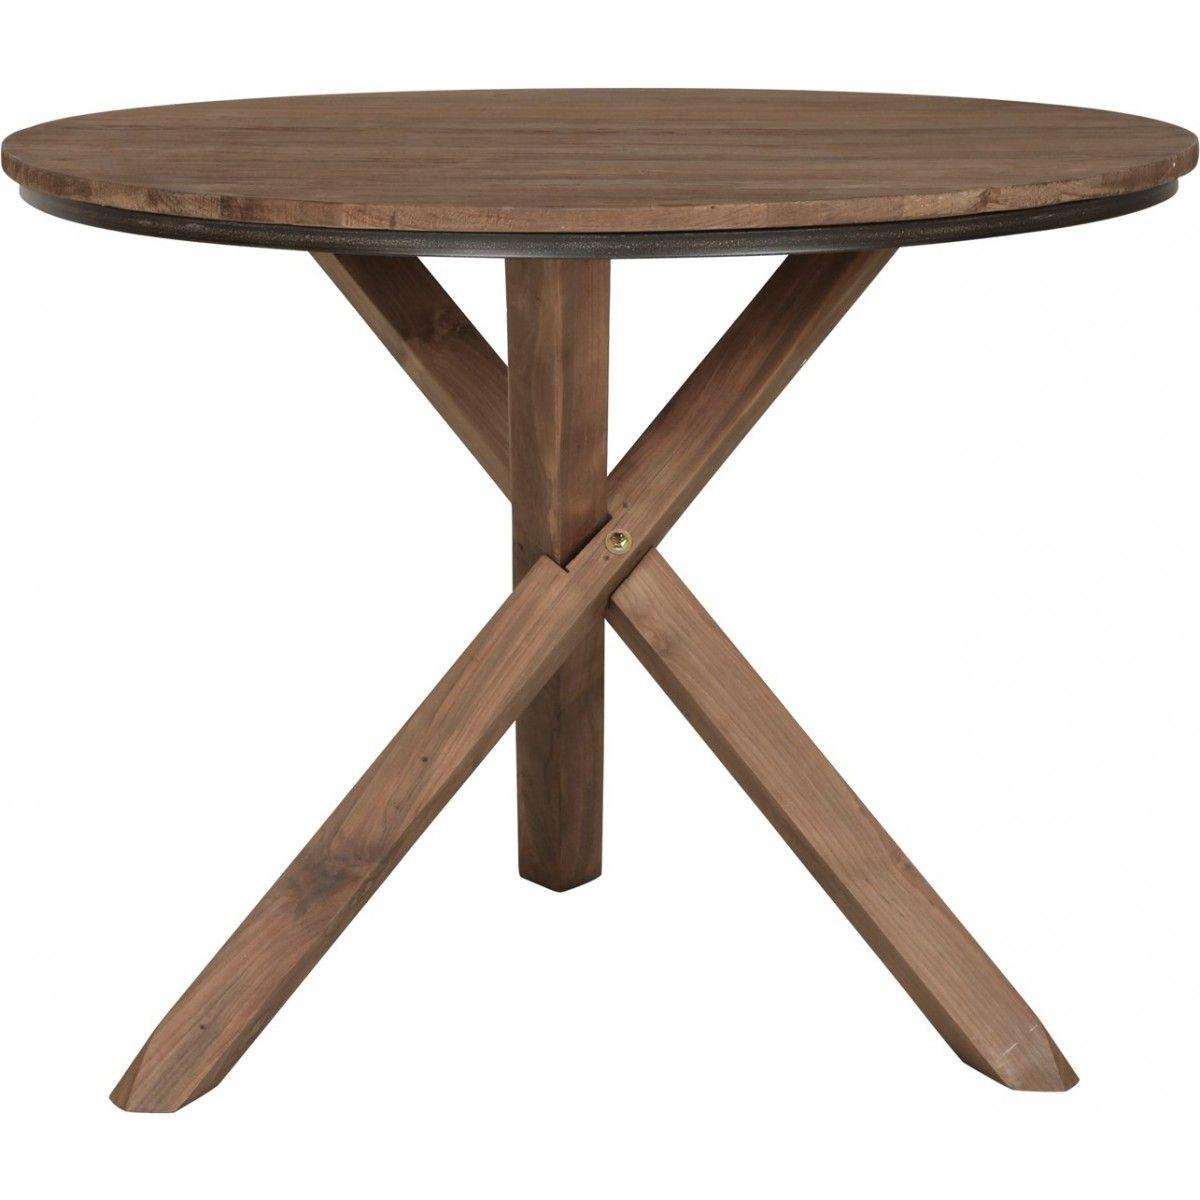 Runder Tisch Holz Massiv Esstisch Rund Tisch Im Landhausstil Durchmesser 100 Cm Esstisch Rund Ausziehbar Tische Holz Holztisch Ausziehbar